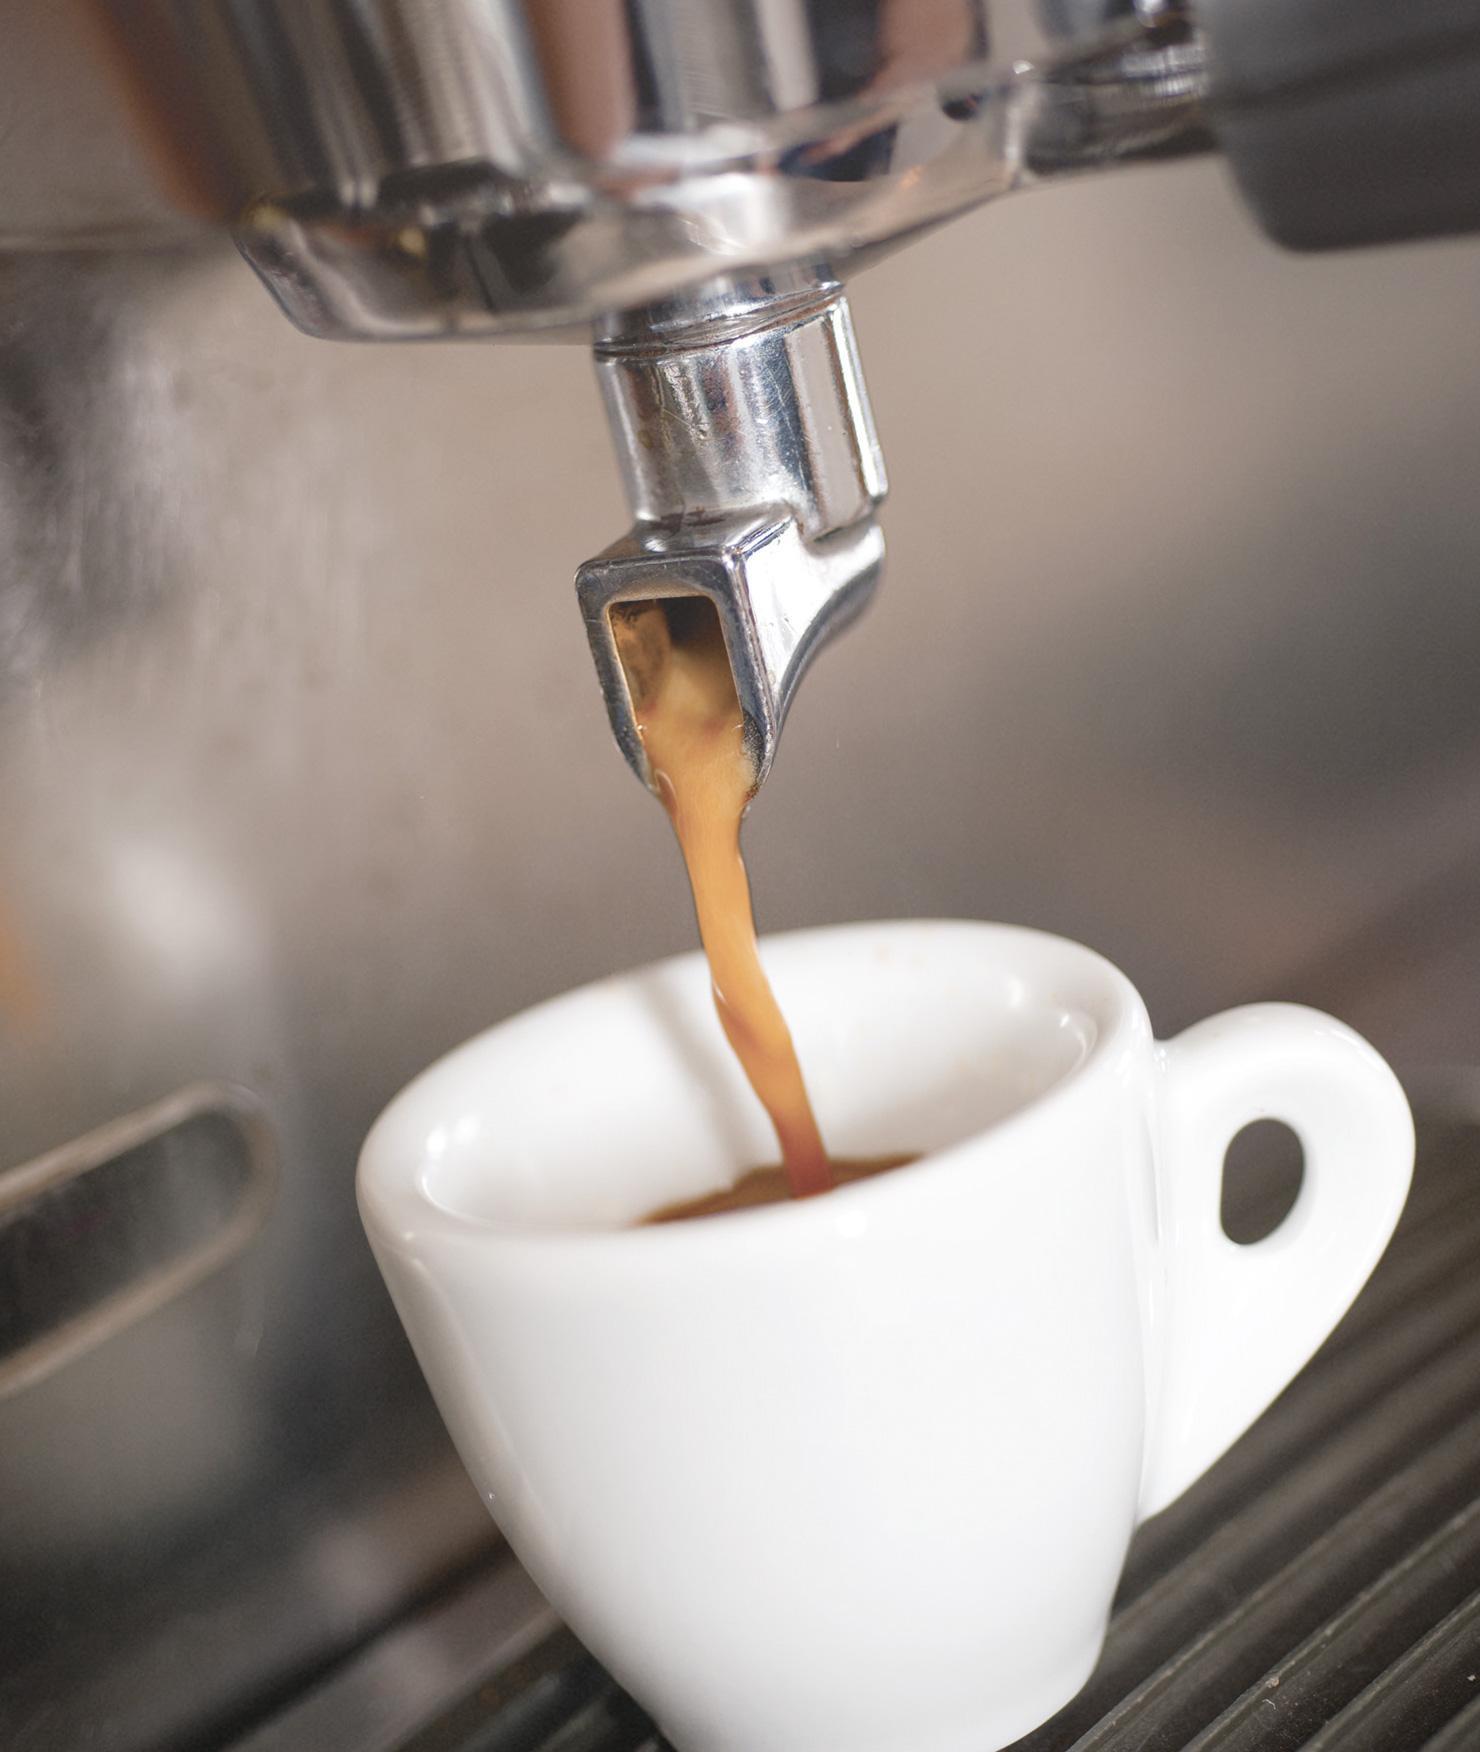 Filtr BRITA PURITY C Finest zaparzanie kawy